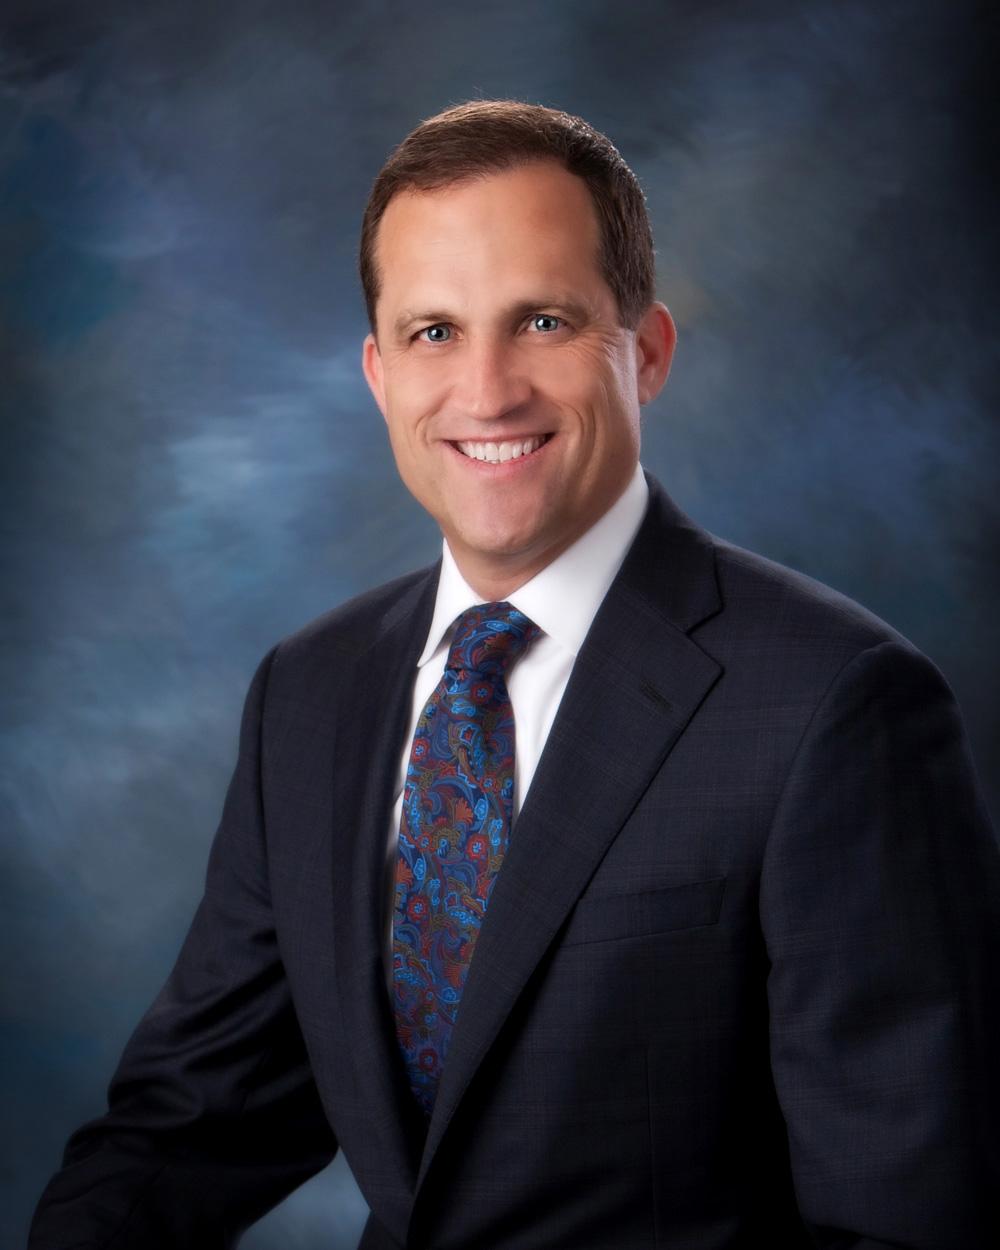 Robert J. Kuehl, CFP®